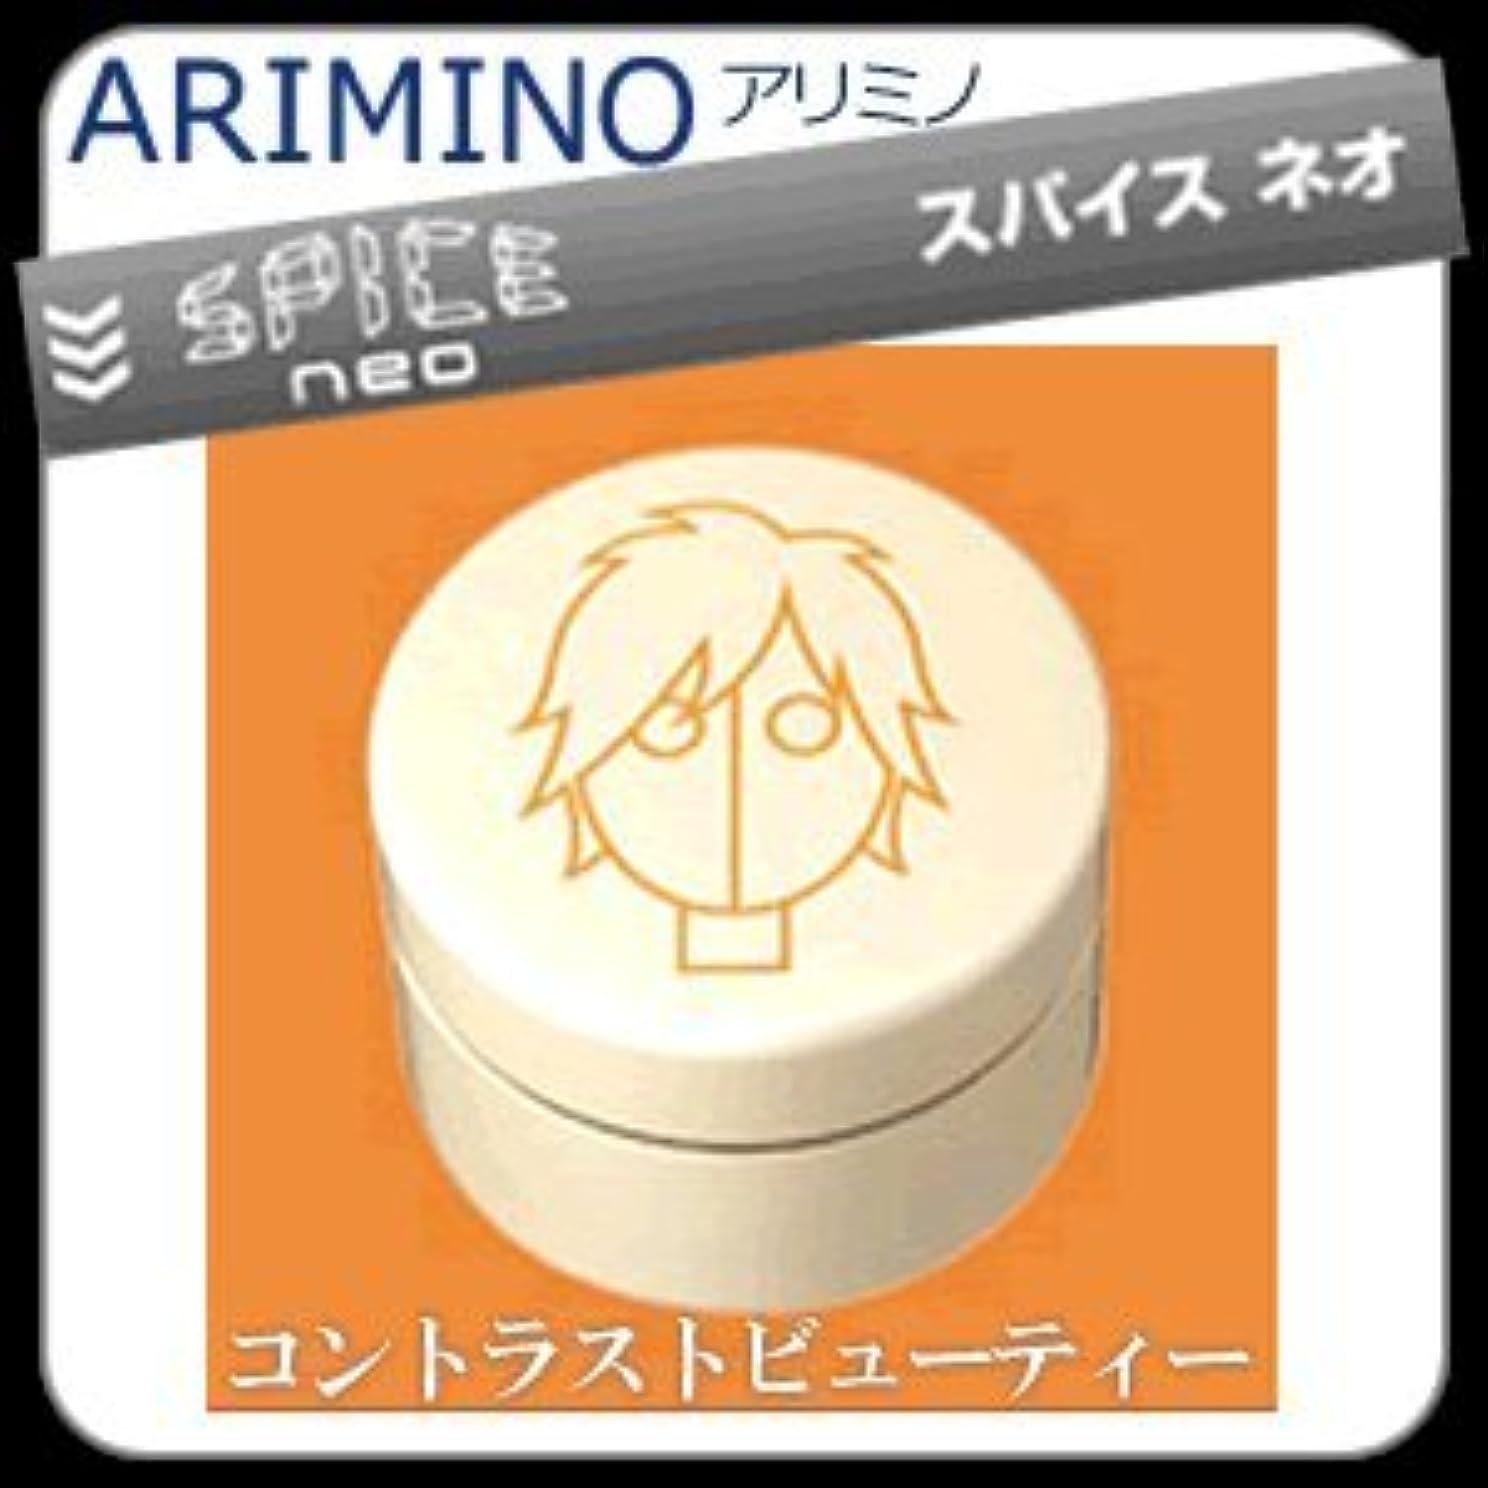 薄いです分類退屈させる【X5個セット】 アリミノ スパイスネオ LIGHT HARD-WAX ライトハードワックス 100g ARIMINO SPICE neo